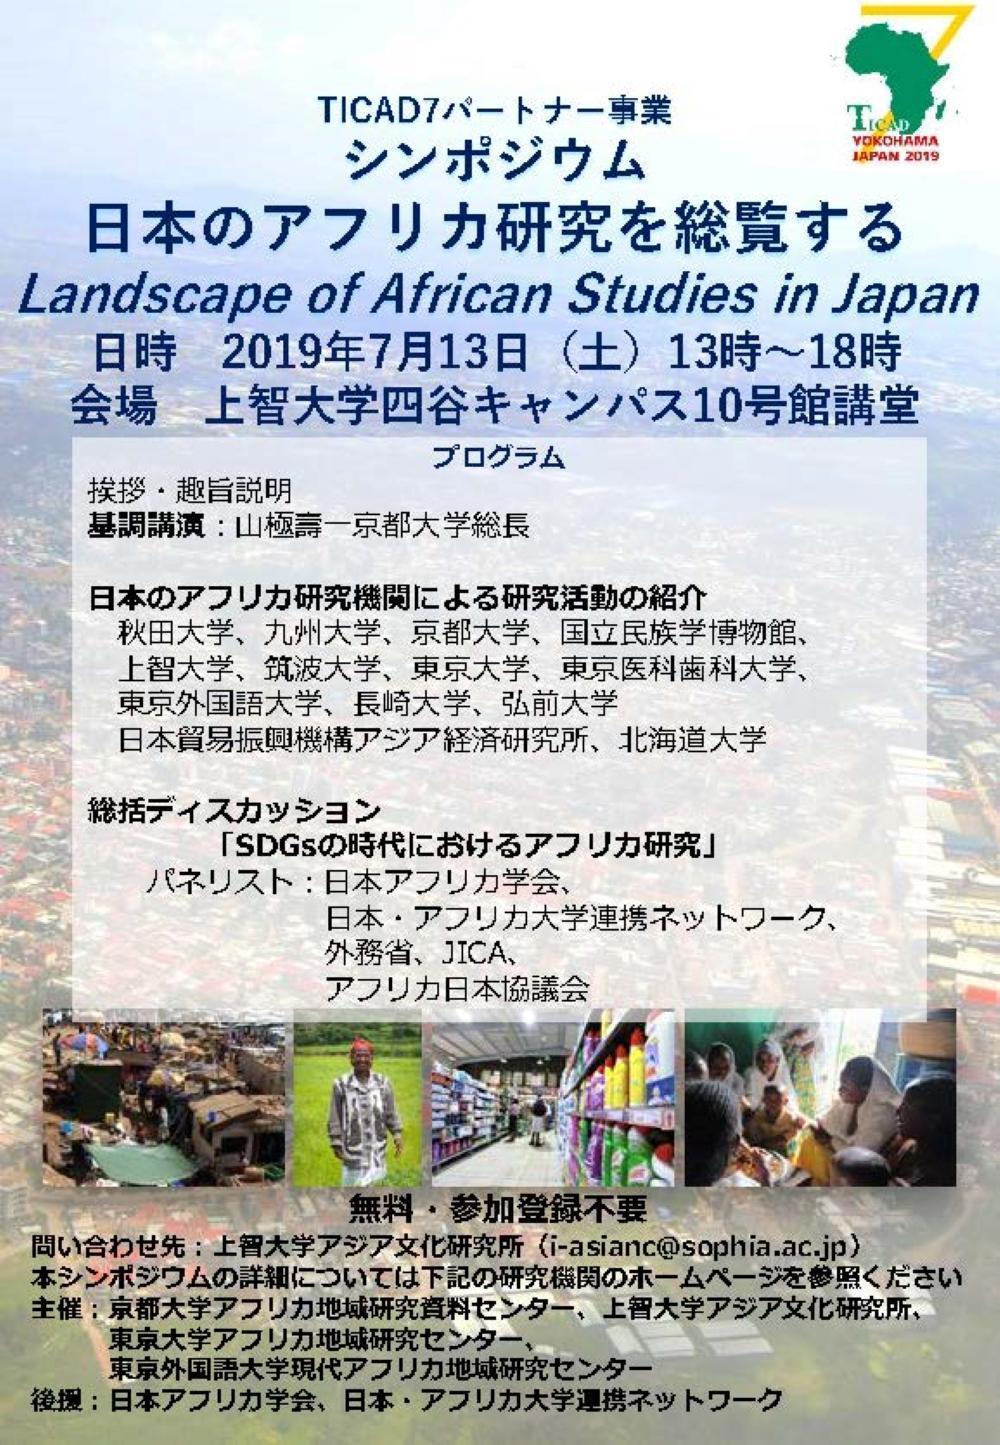 シンポジウム「日本のアフリカ研究を総覧する」(TICAD7パートナー事業・7月13日)開催のお知らせ